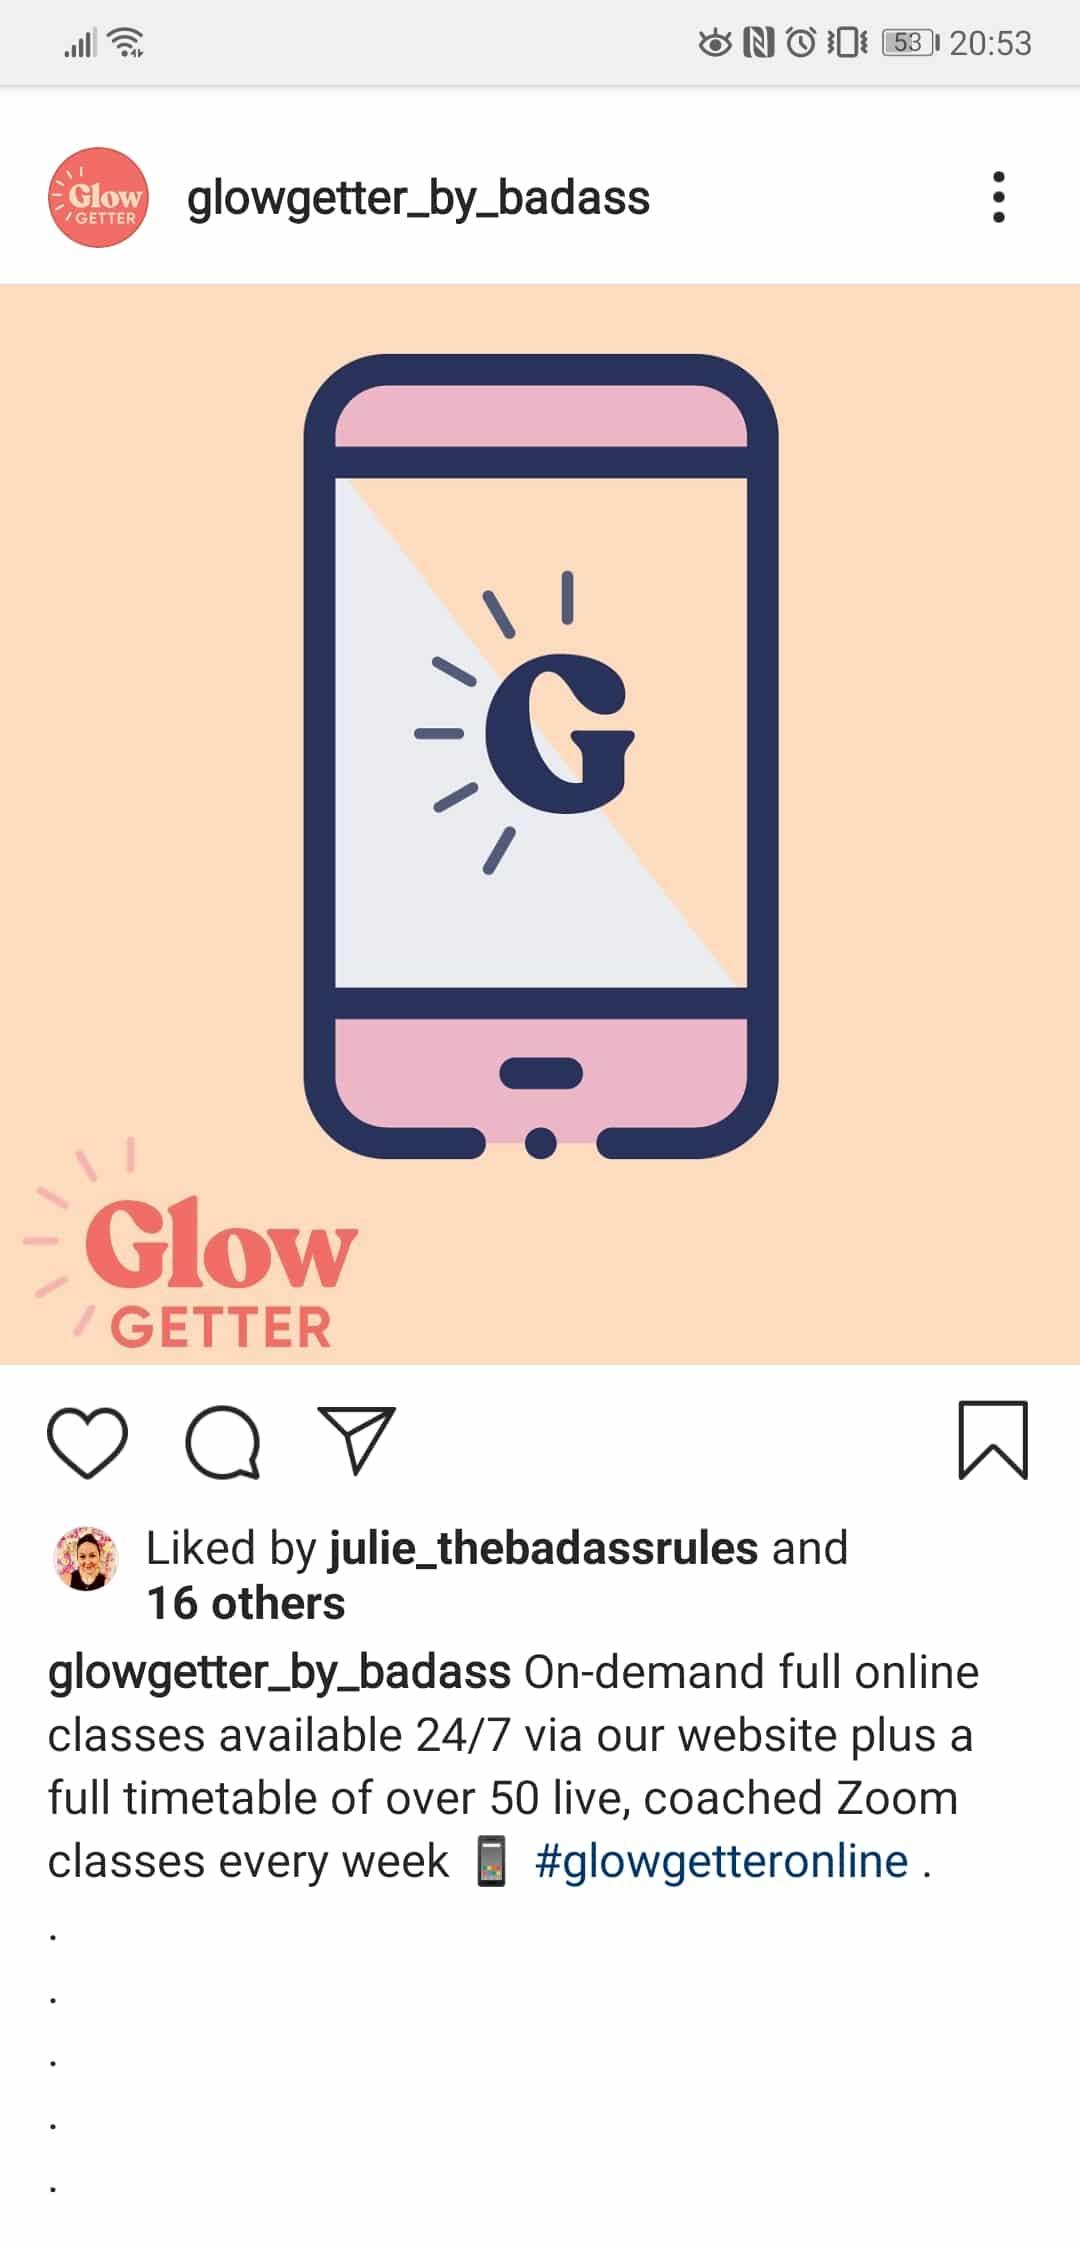 ne brand on instagram for Glowgetter